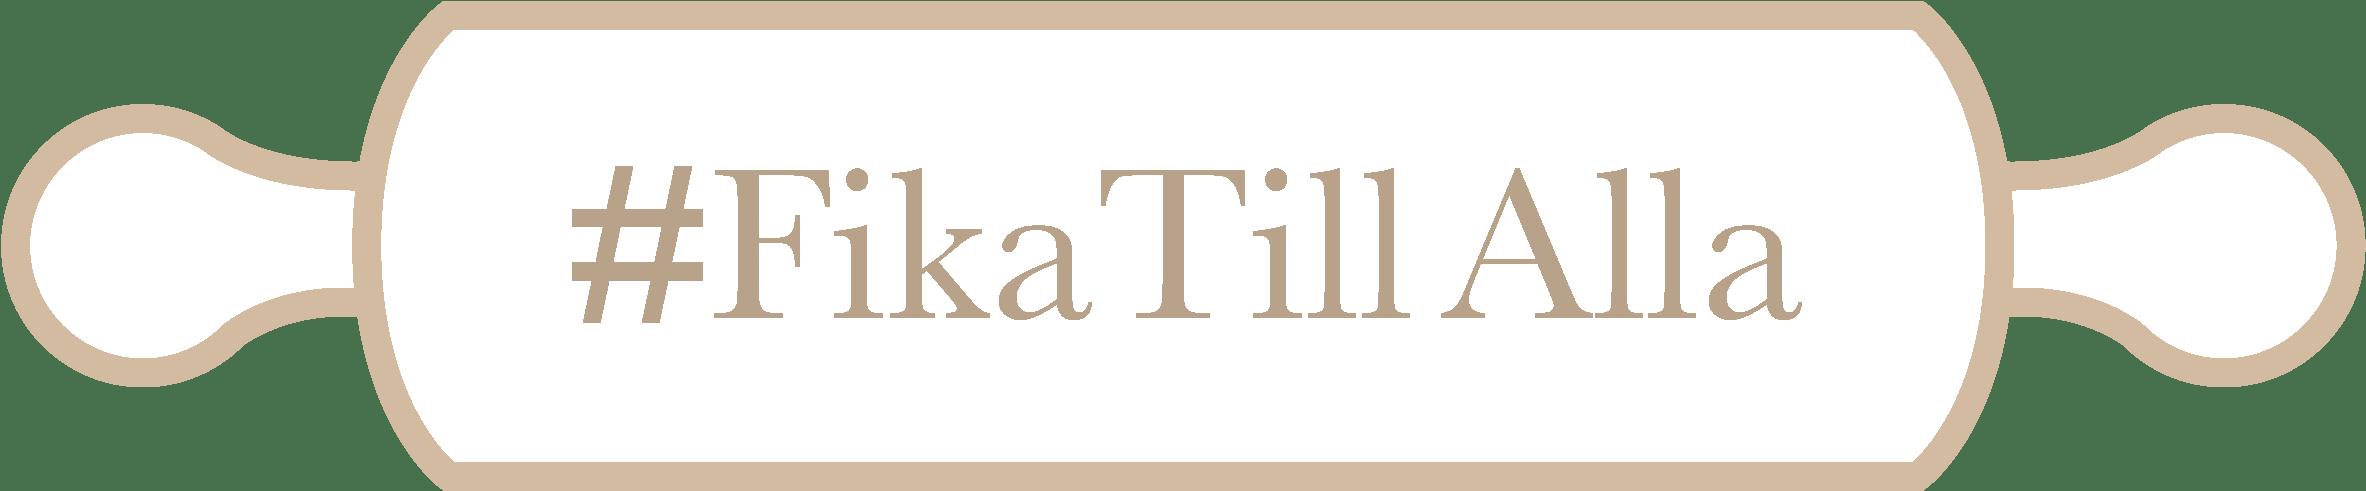 fikatillalla-01-png.png